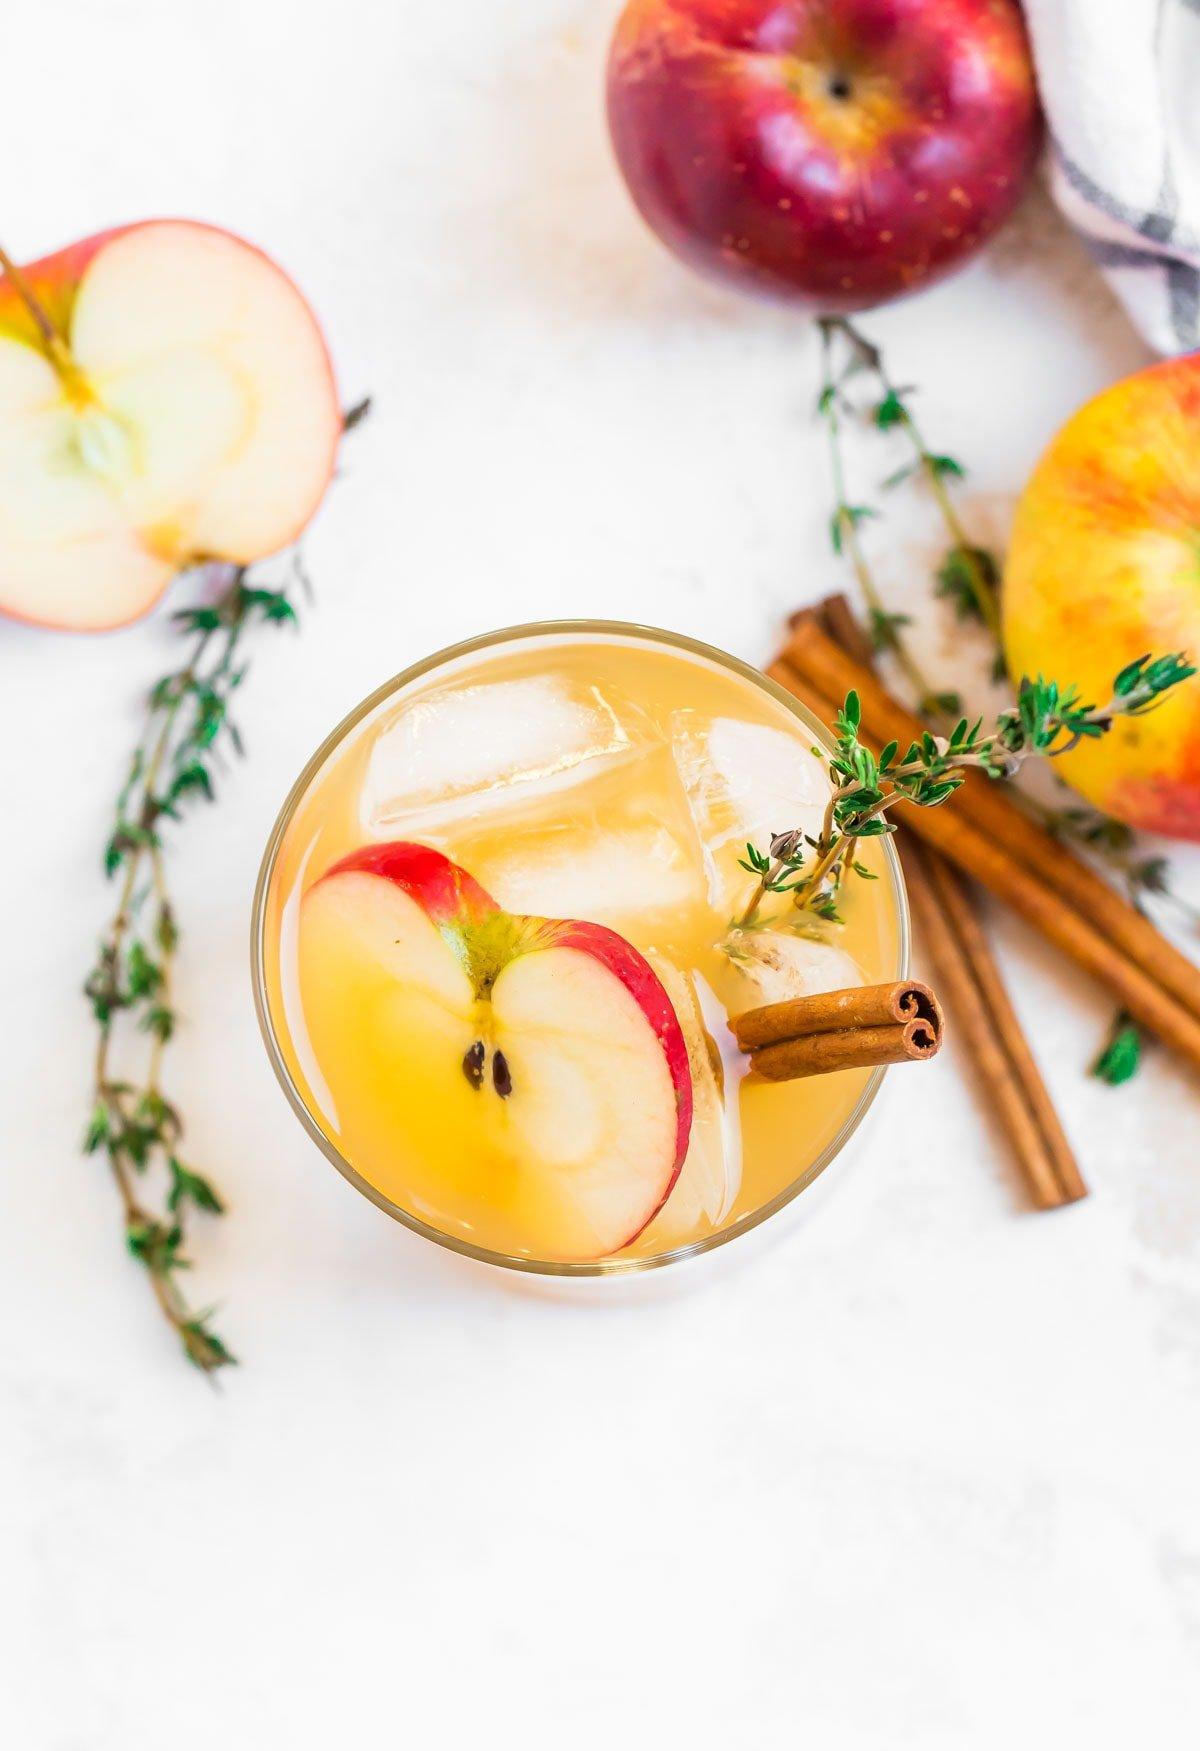 Una bebida en un vaso junto a manzanas y ramitas de canela.